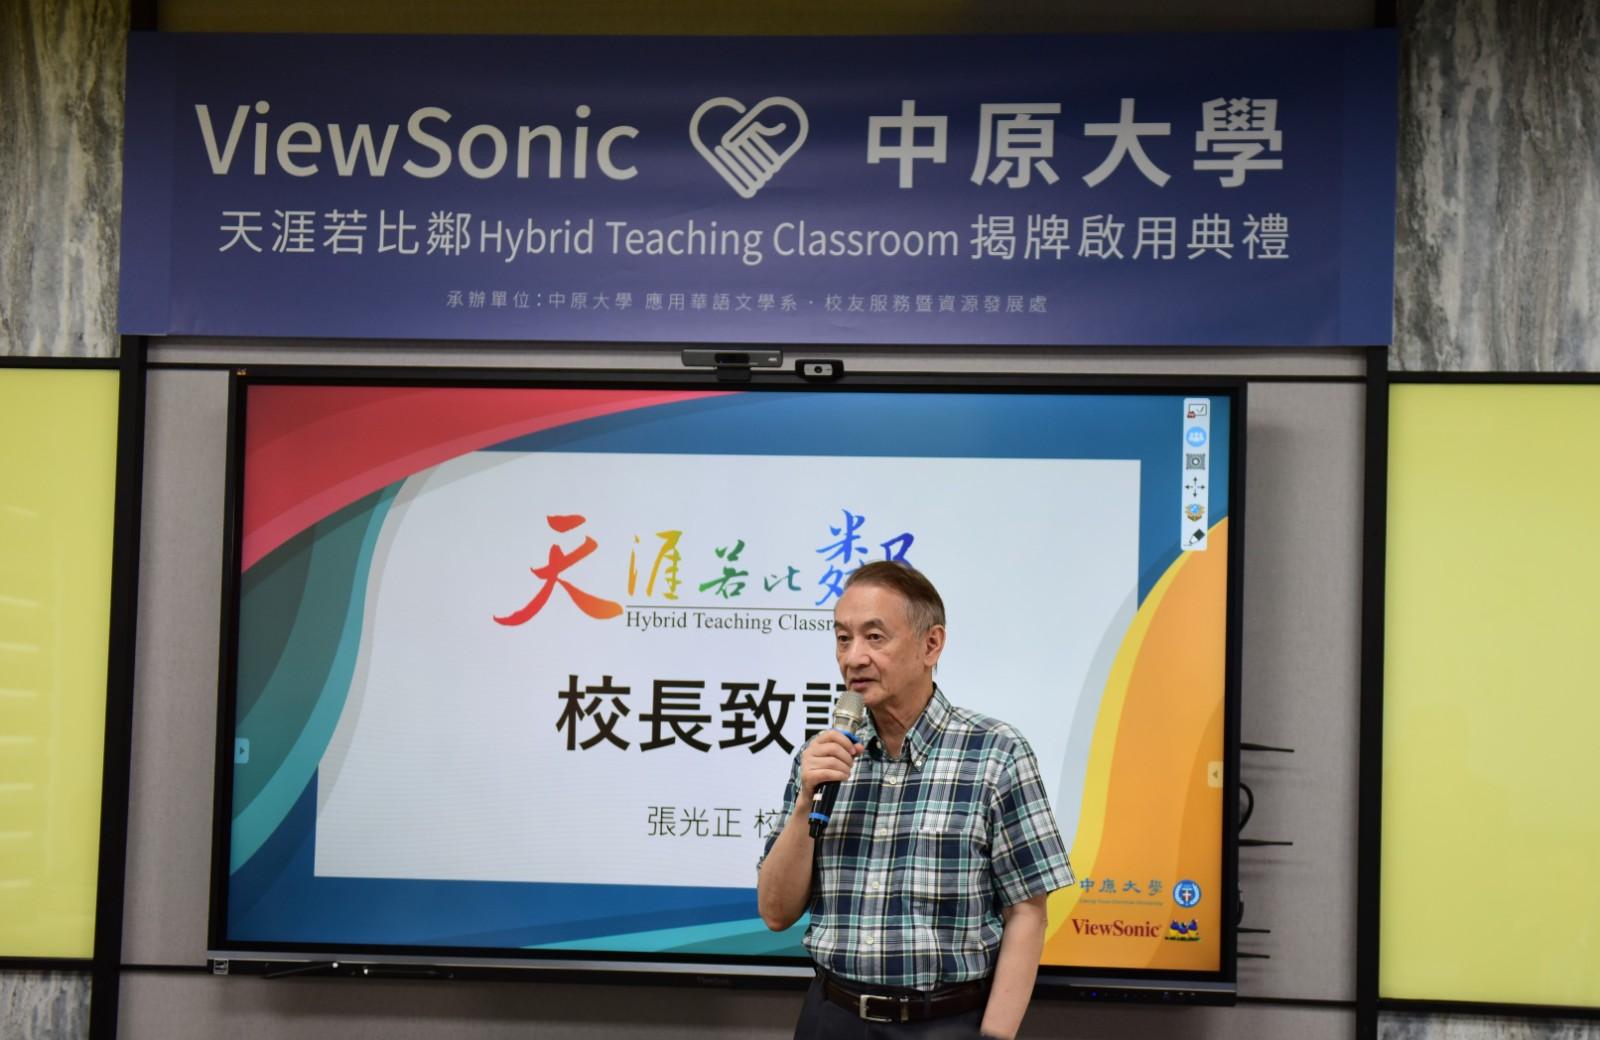 中原張光正校長期許此全球首間Hybrid複合教學教室,能真正做到教學的「天涯若比鄰」。.jpg